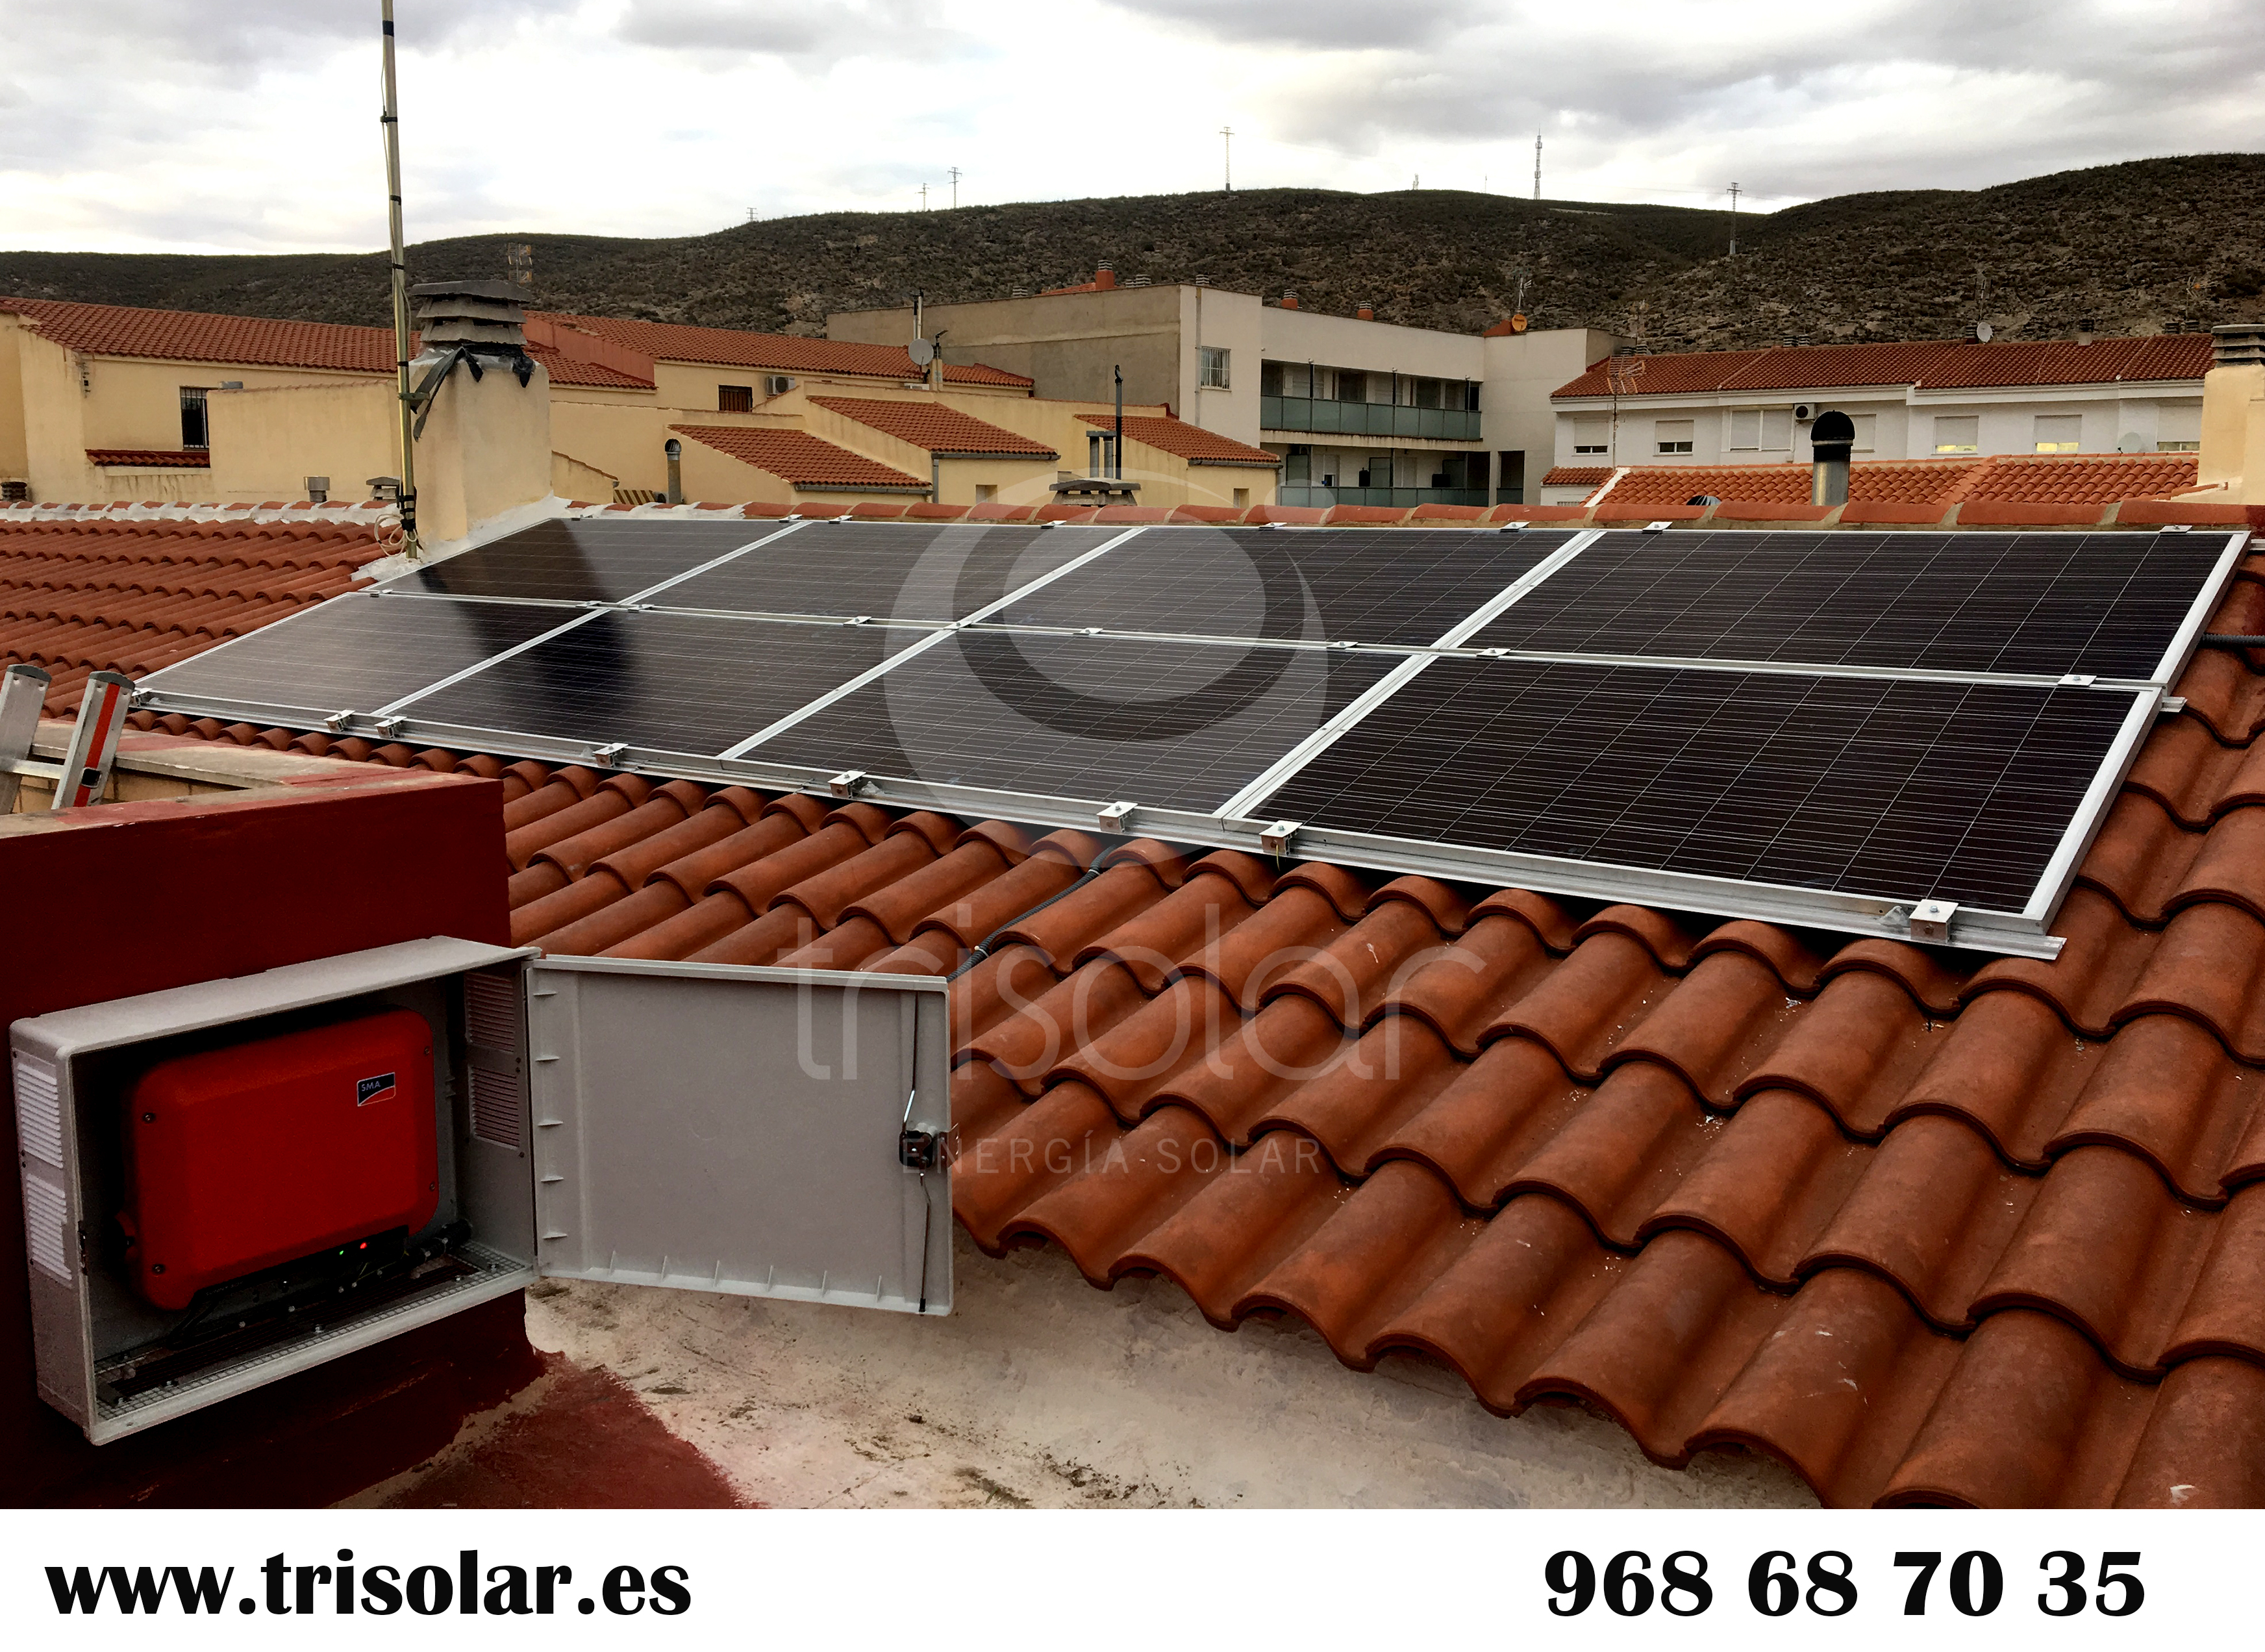 Instalacion de energía solar fotovoltaica para autoconsumo en Hellín